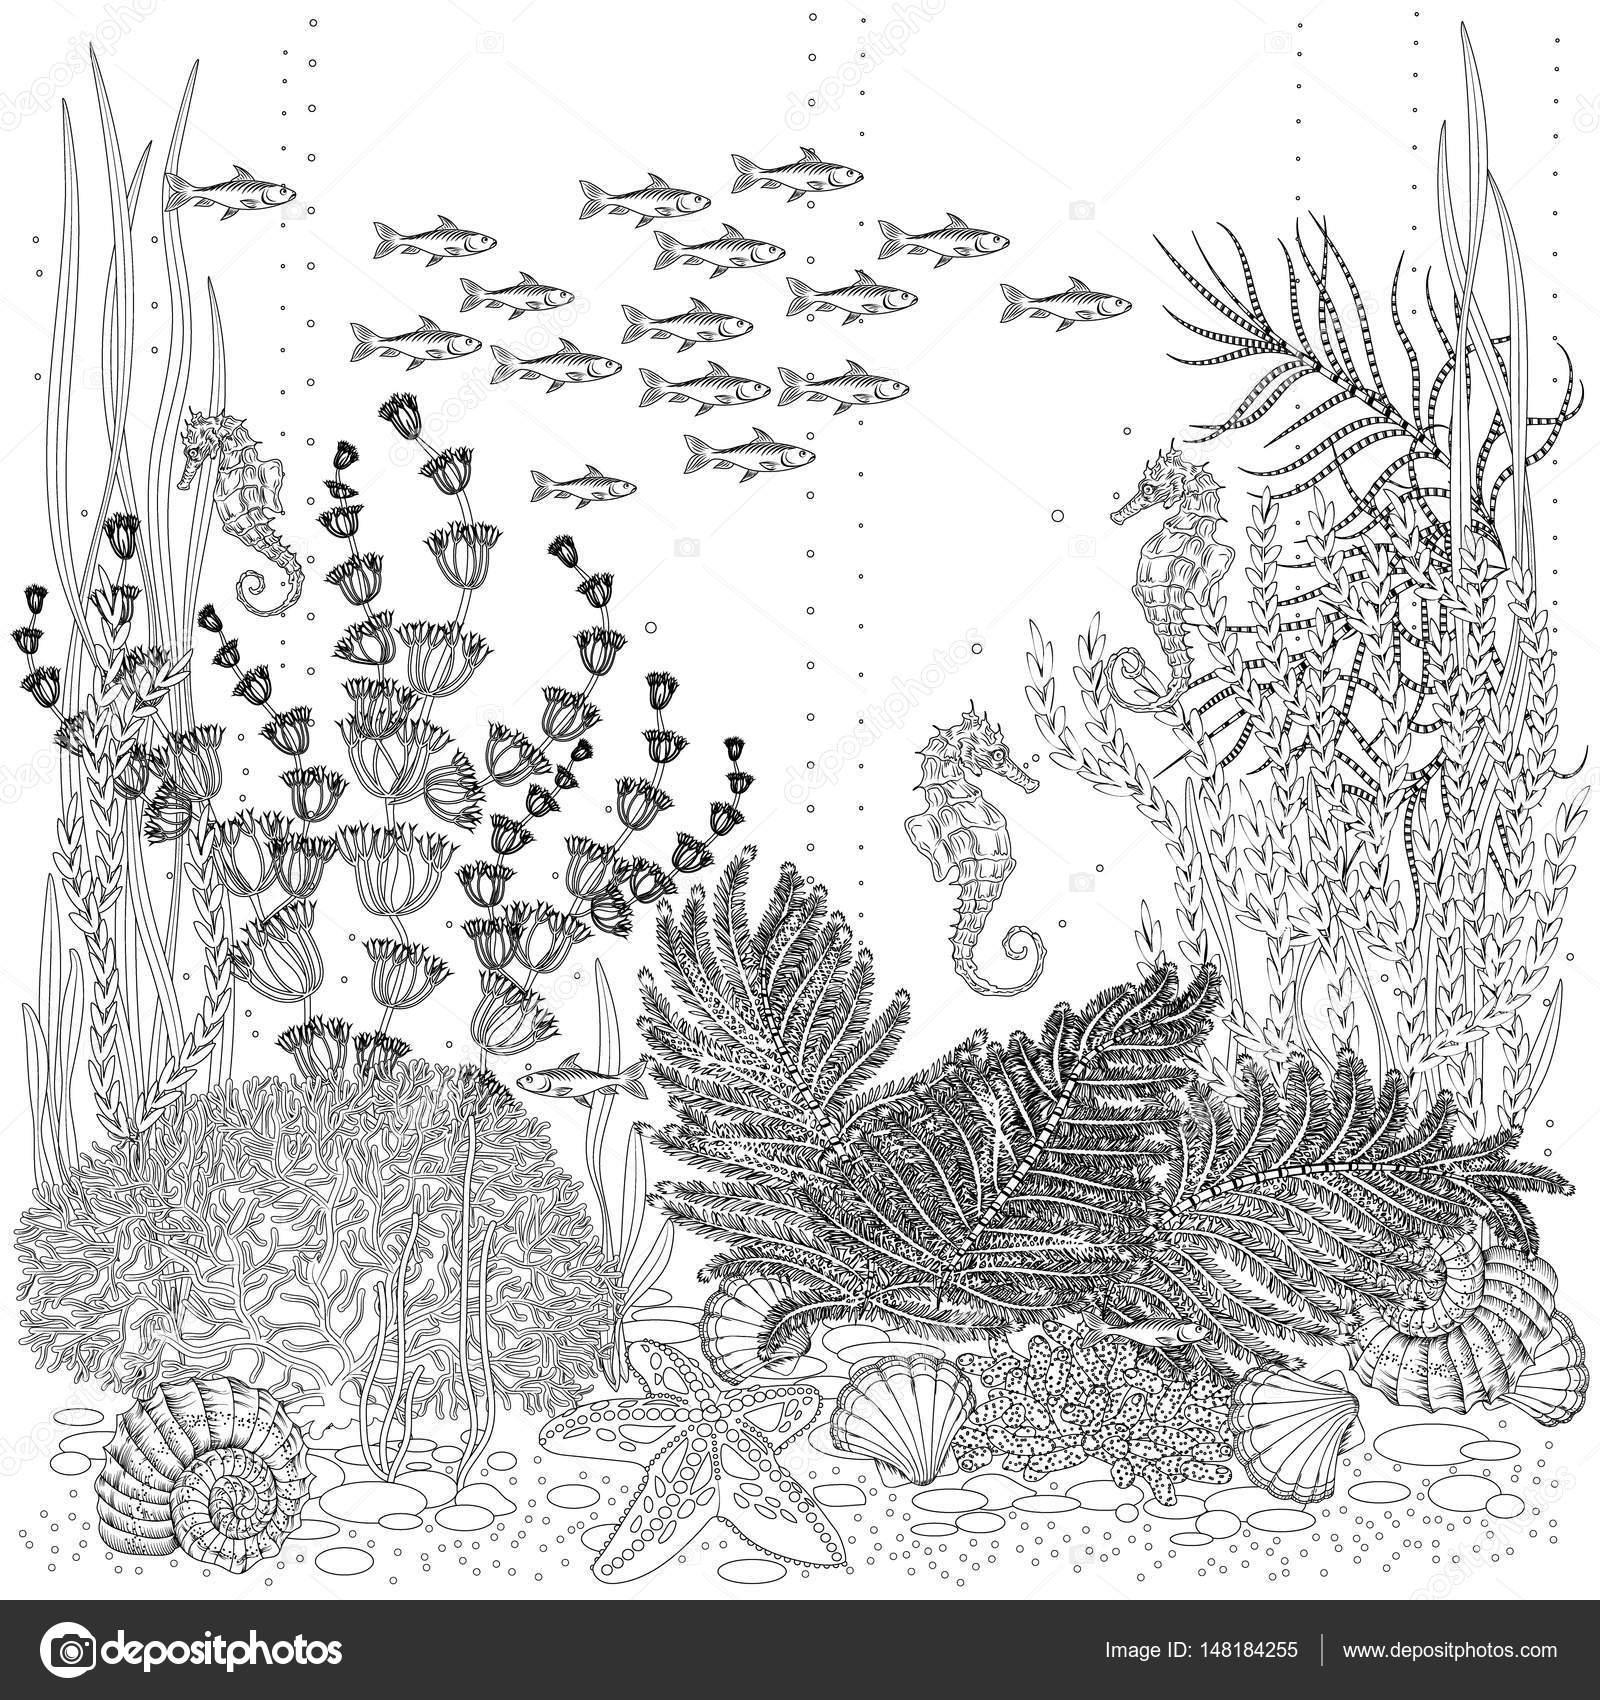 Disegni Fondali Marini Da La Flora E La Fauna Dei Fondali Marini